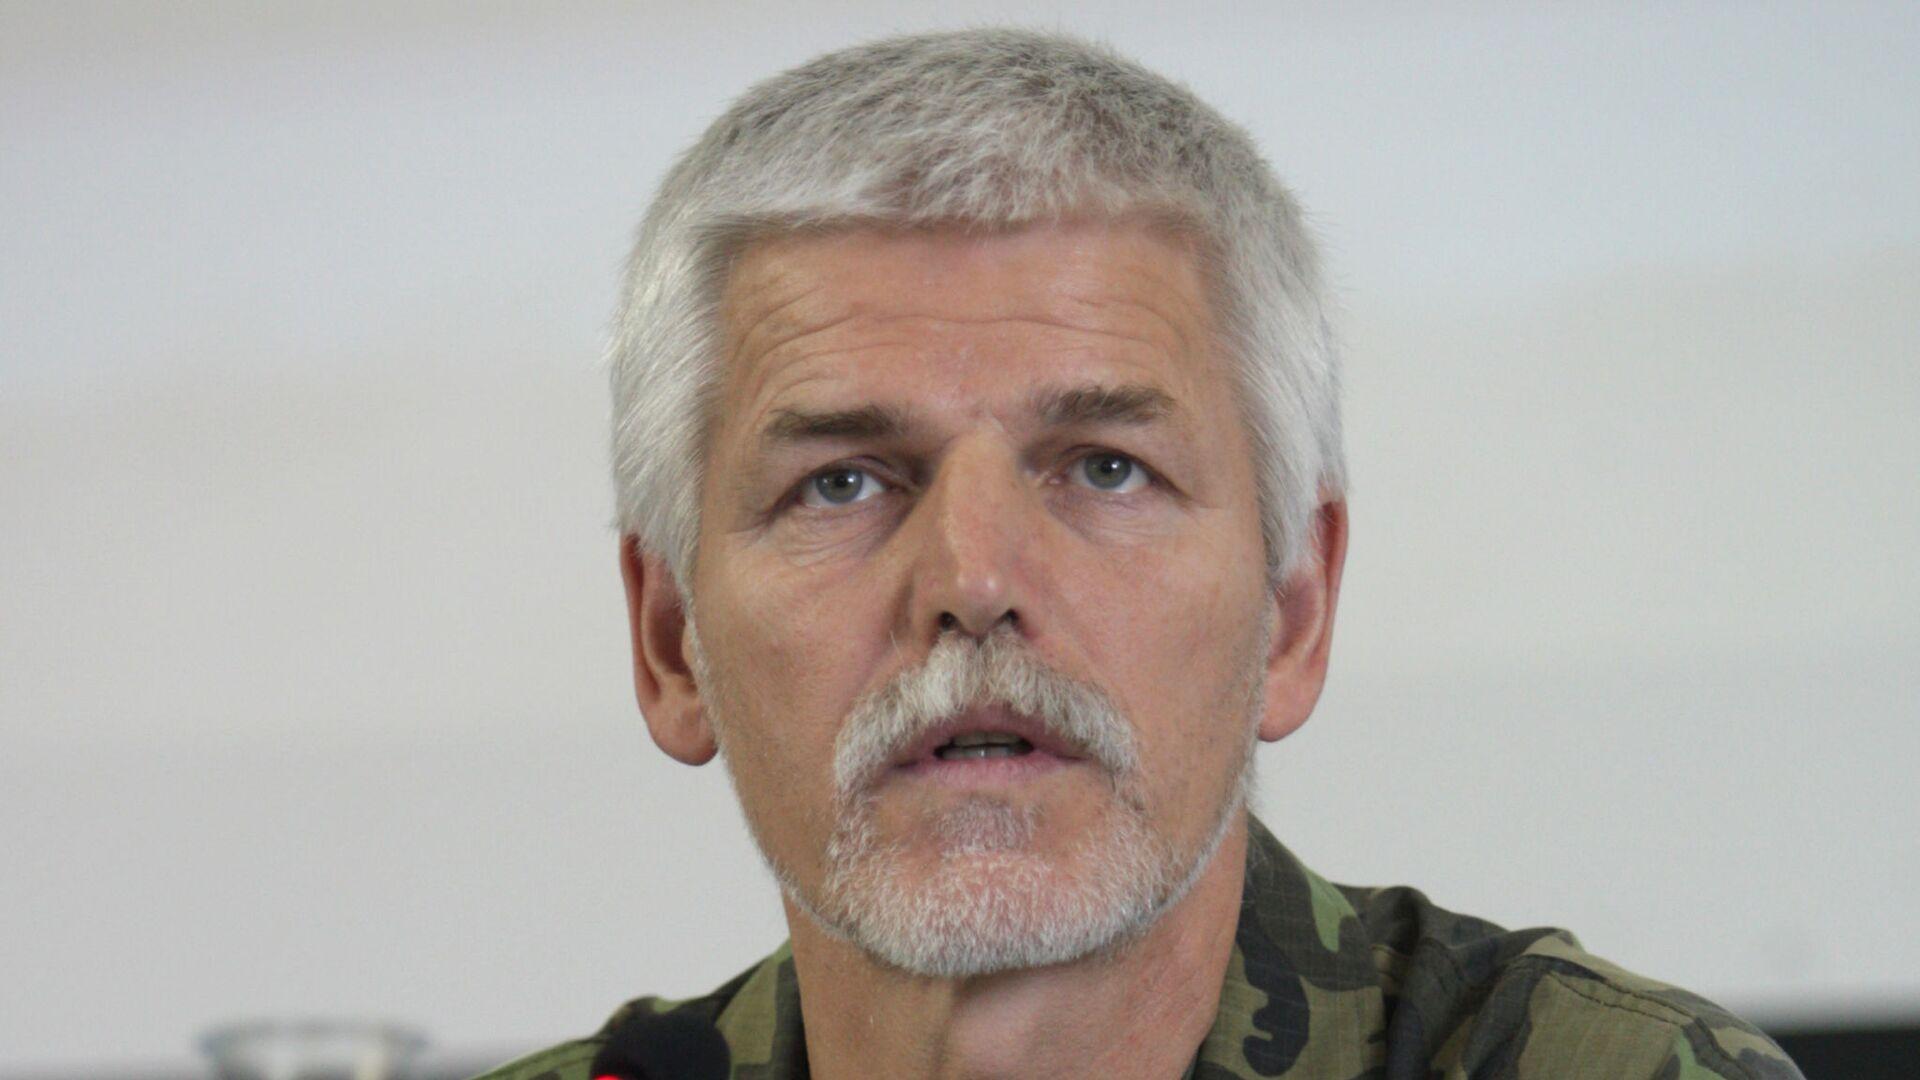 Generál Petr Pavel - Sputnik Česká republika, 1920, 19.03.2021